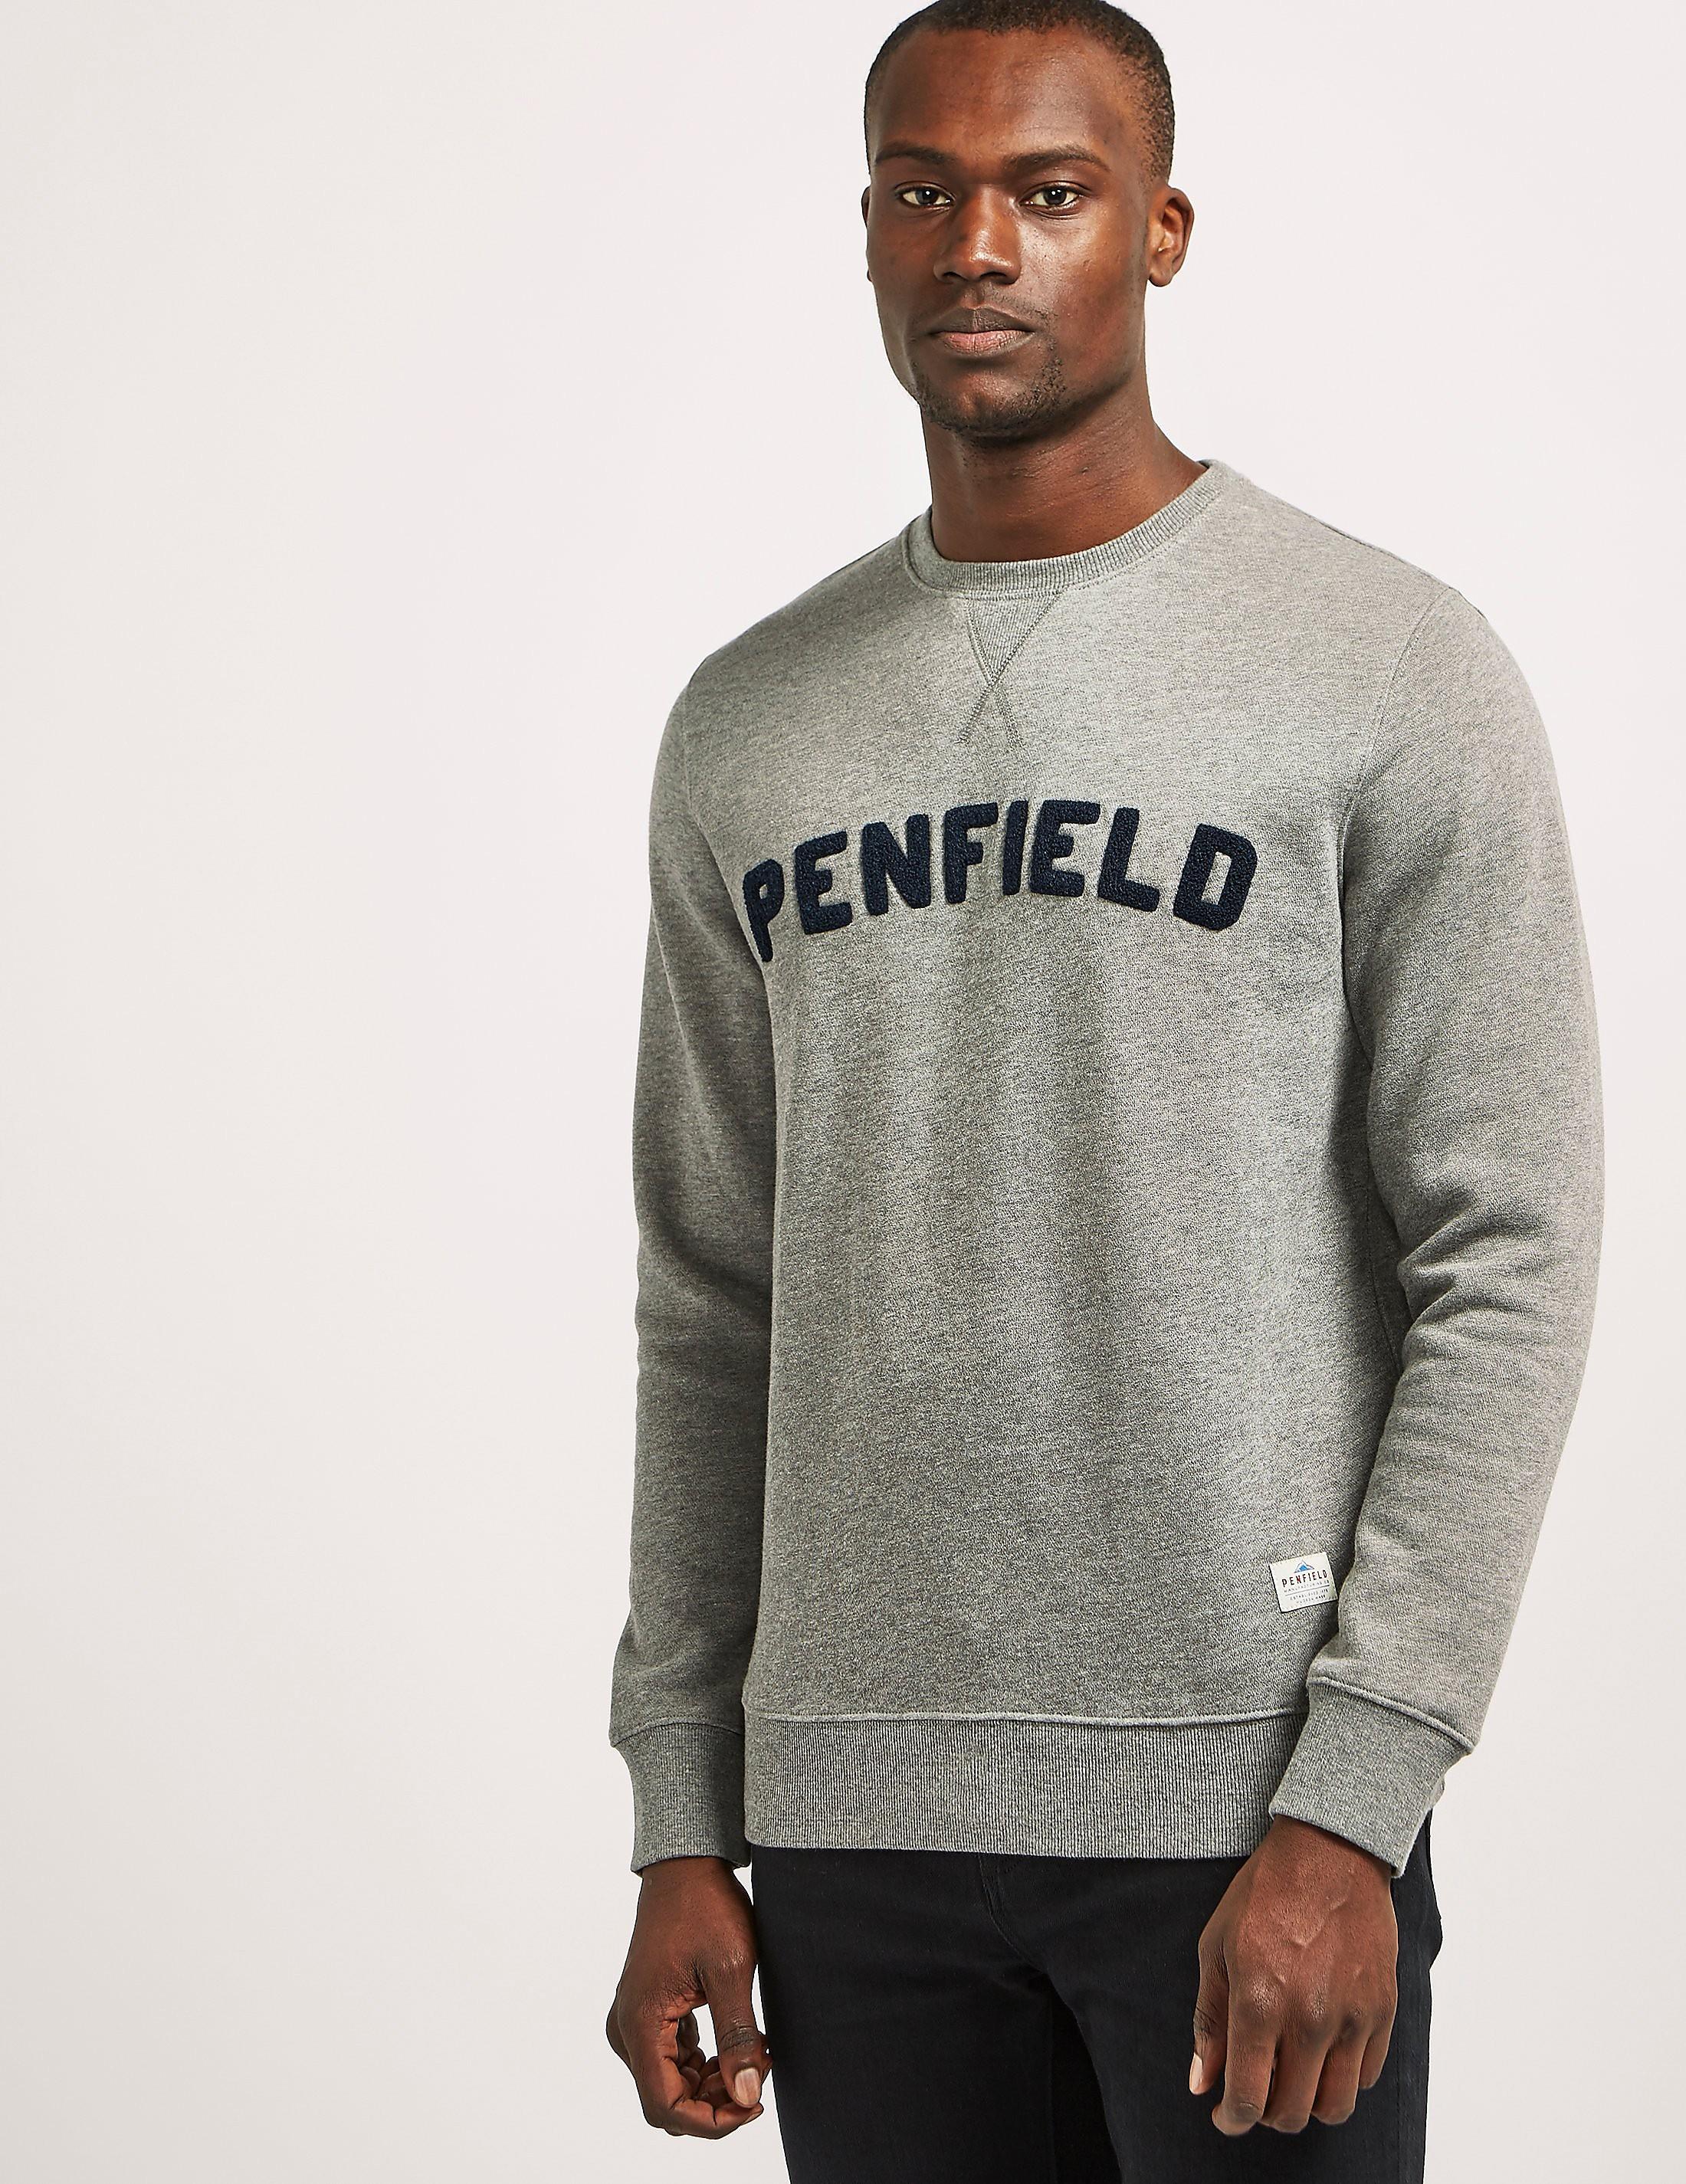 Penfield Brookport Sweatshirt